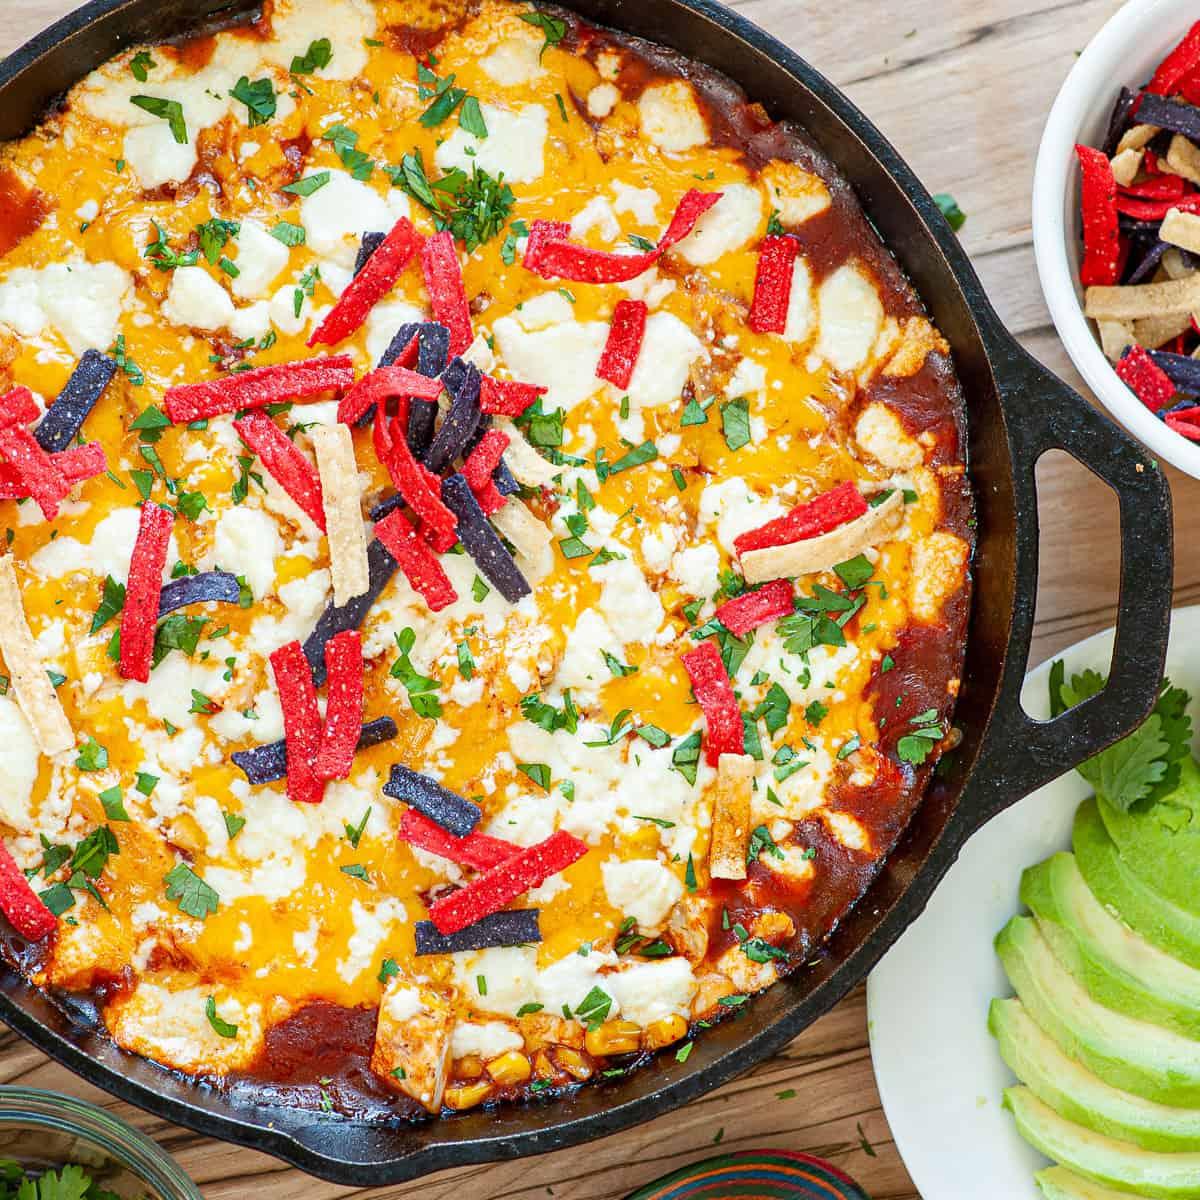 chicken enchilada in a skillet